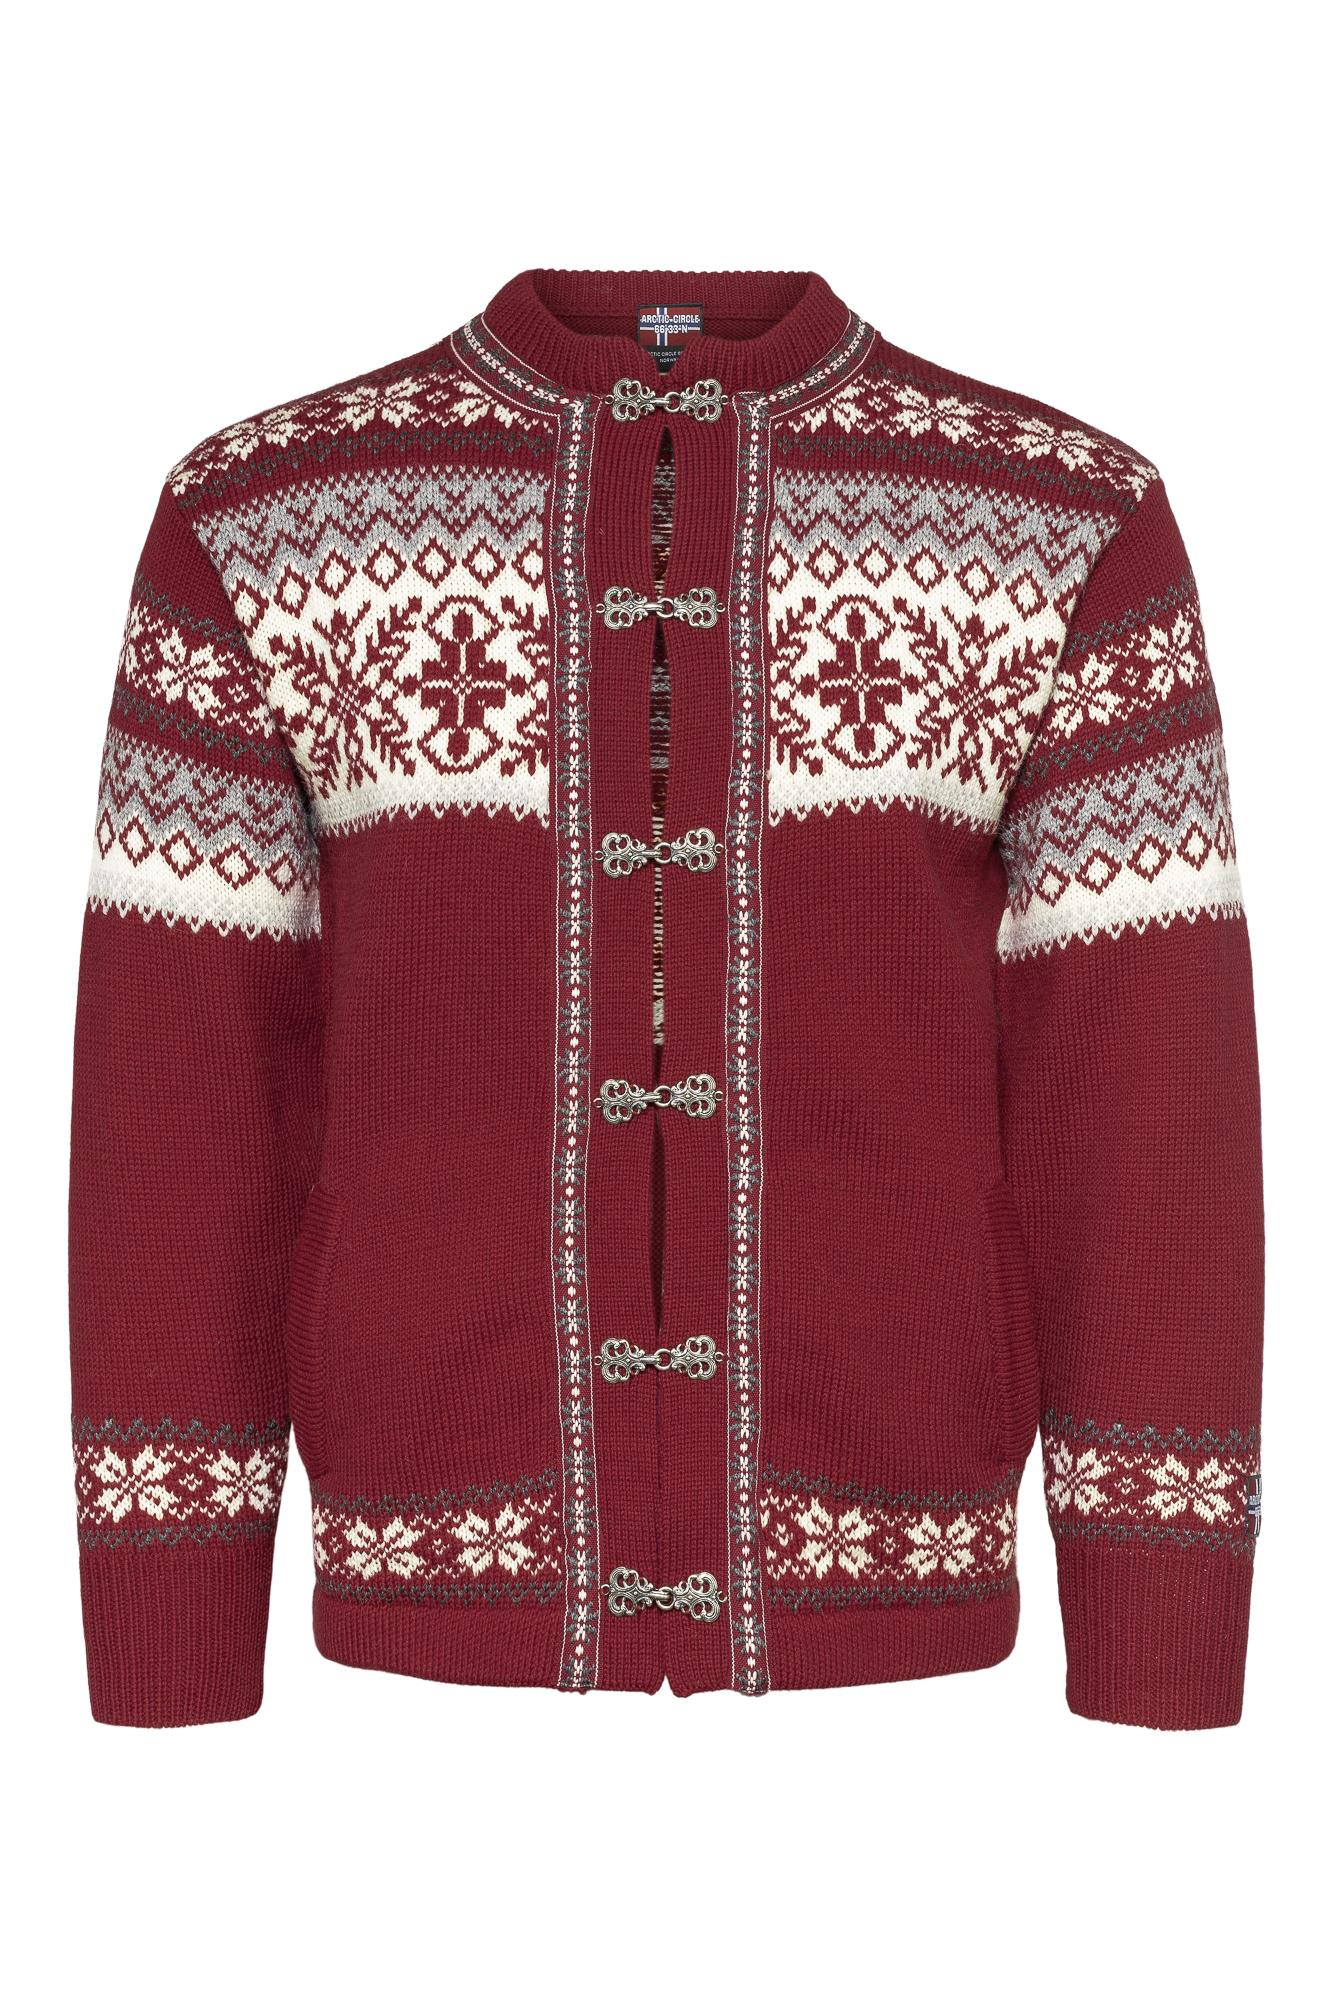 Rød strikket kofte til dame og herre.